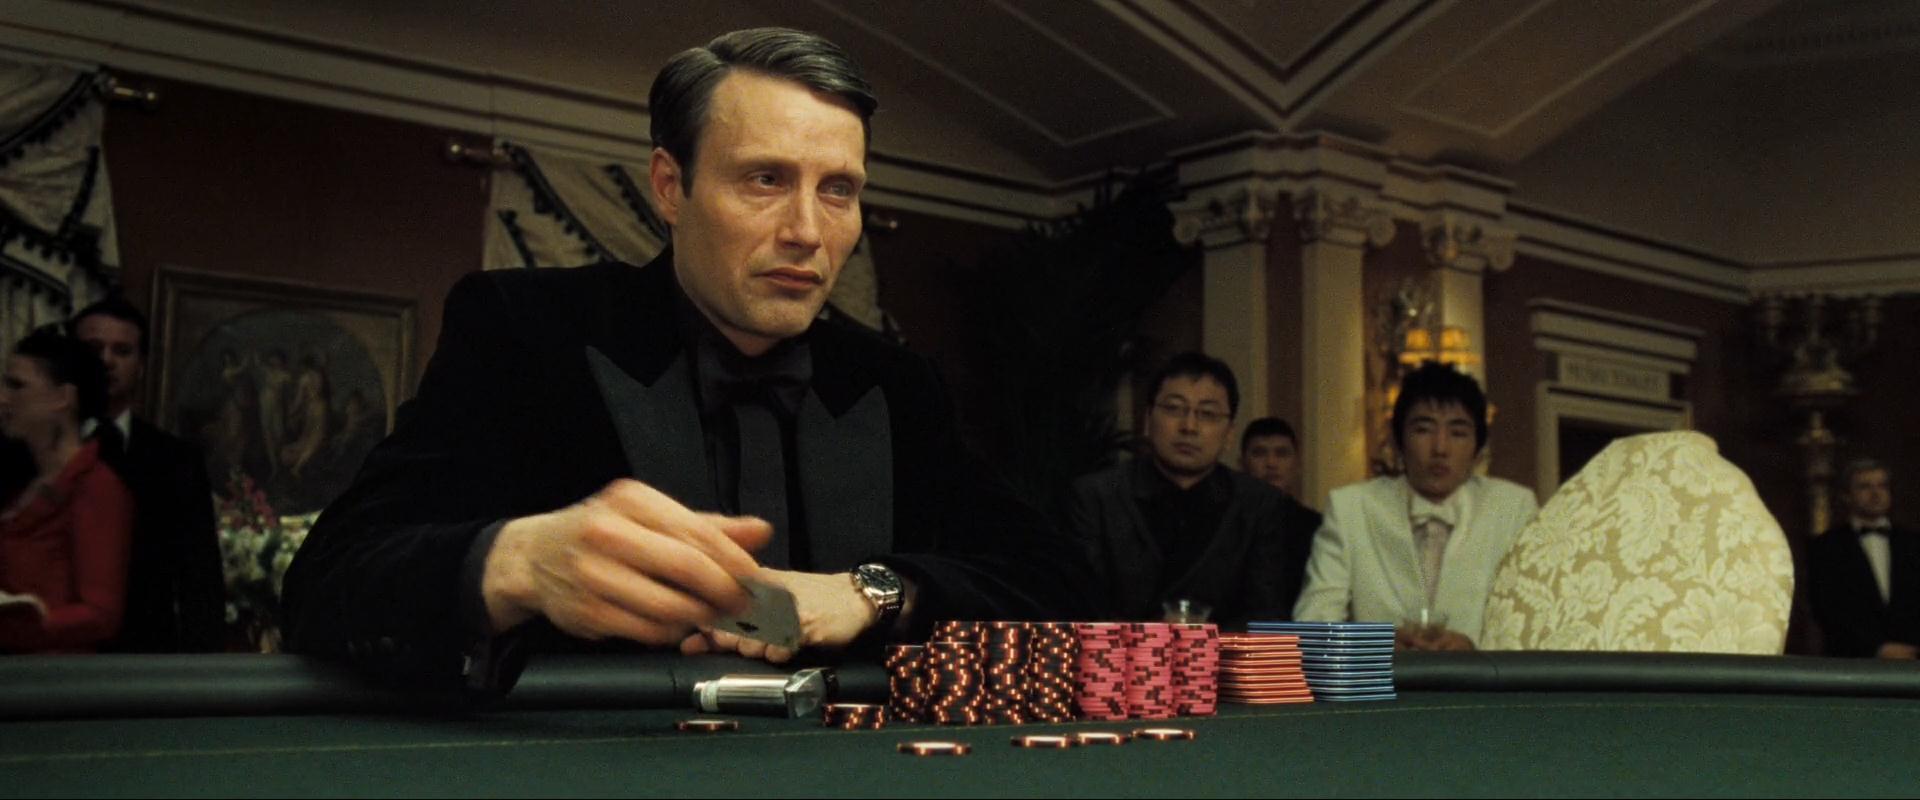 фильм казино рояль кадр из фильма